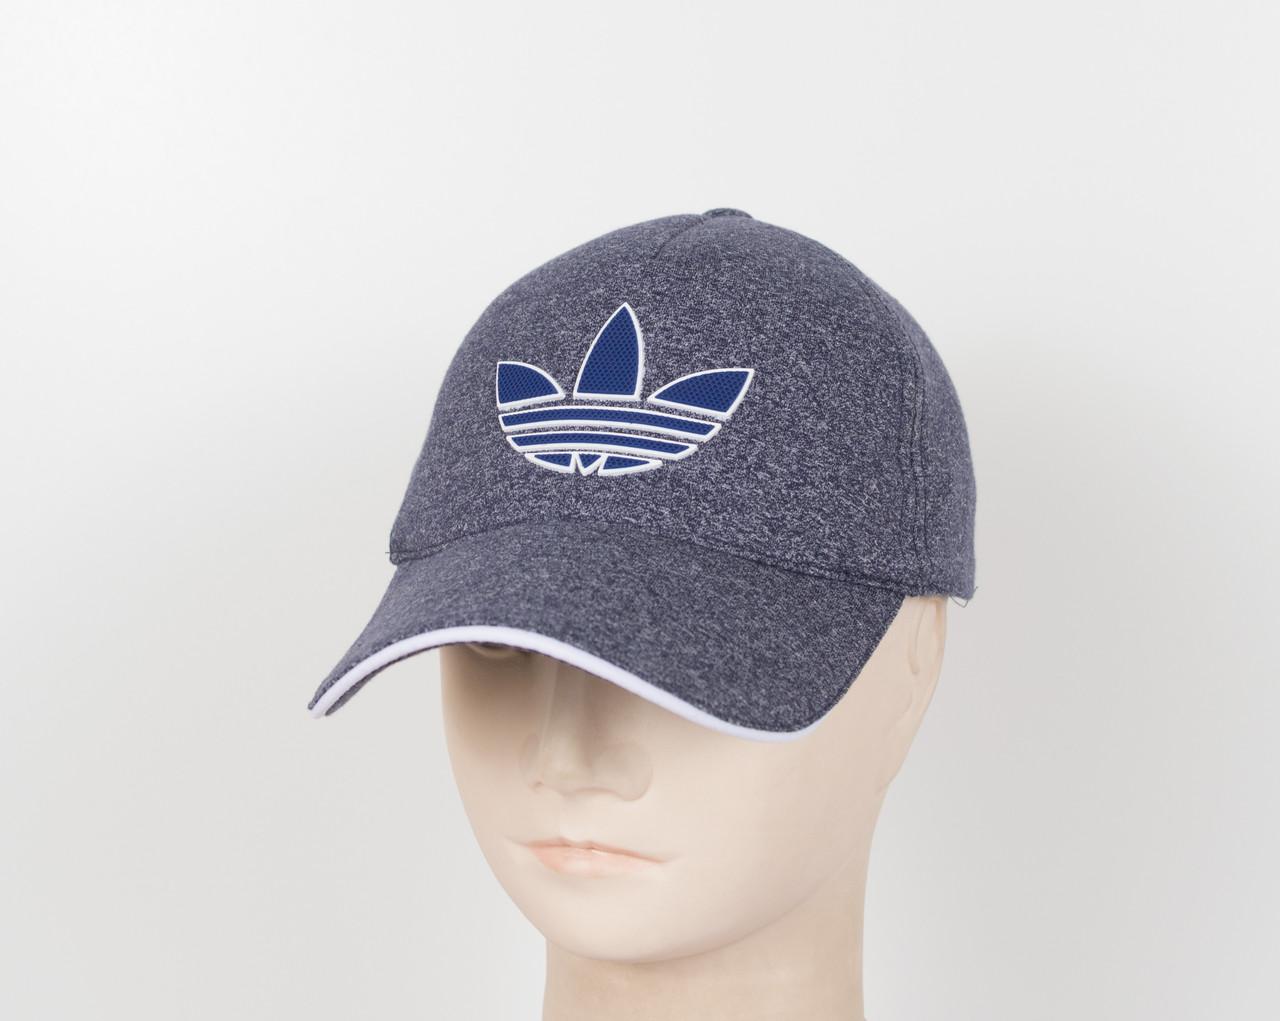 """Бейсболка """"Котик 5кл"""" Adidas синий мел."""